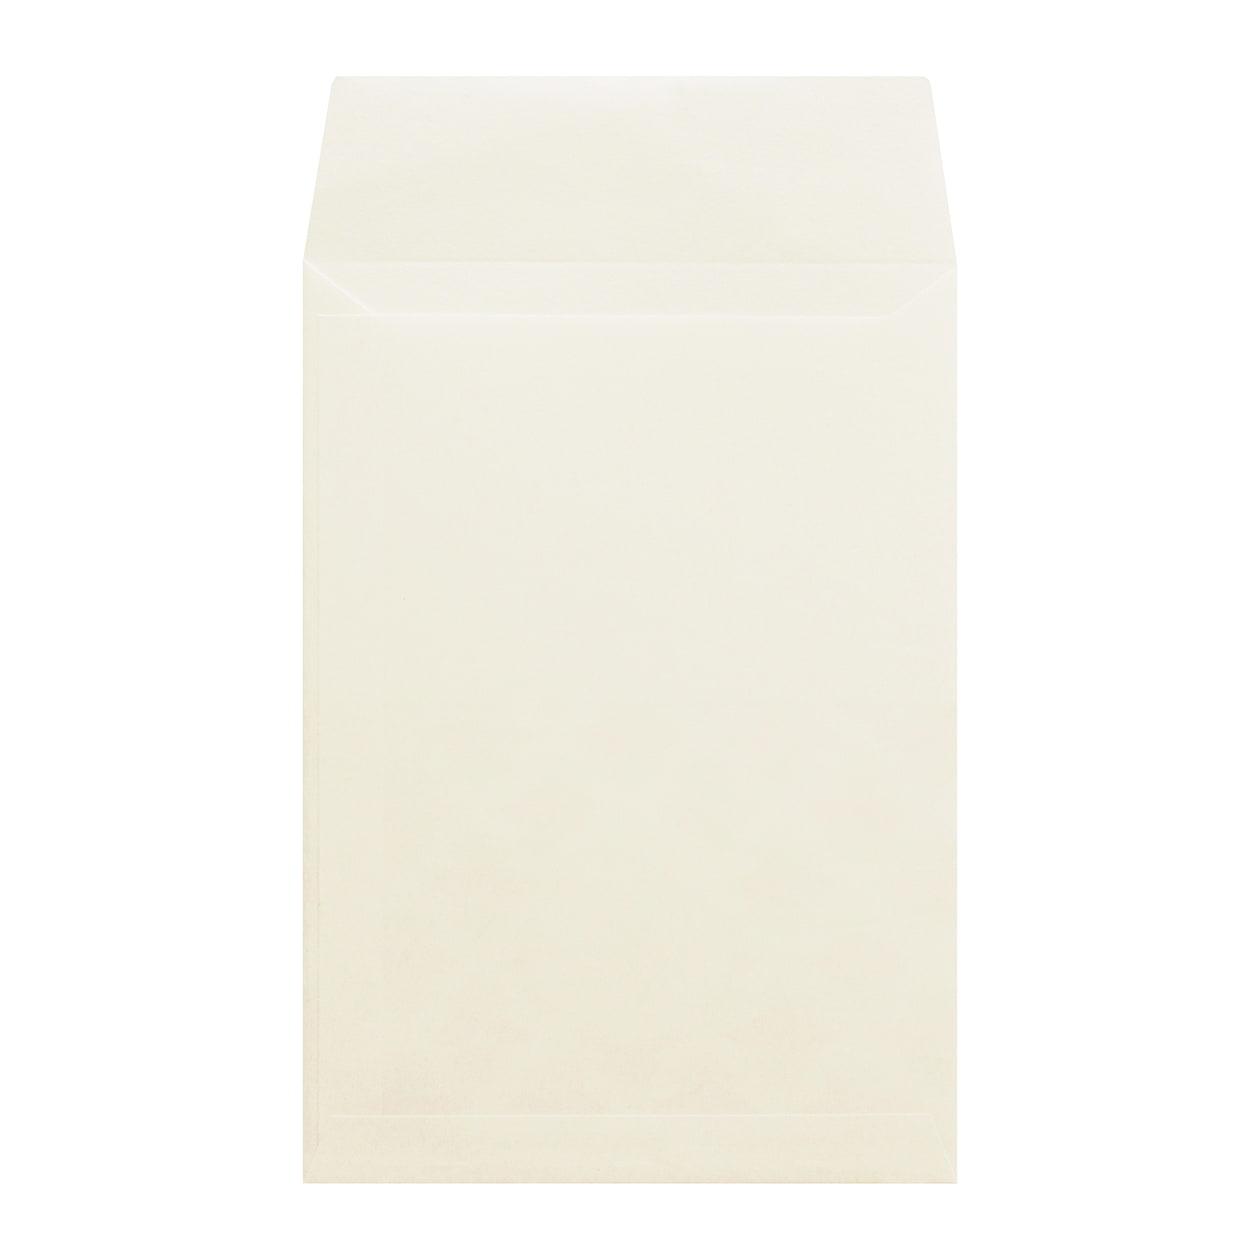 サンプル 封筒・袋 00033